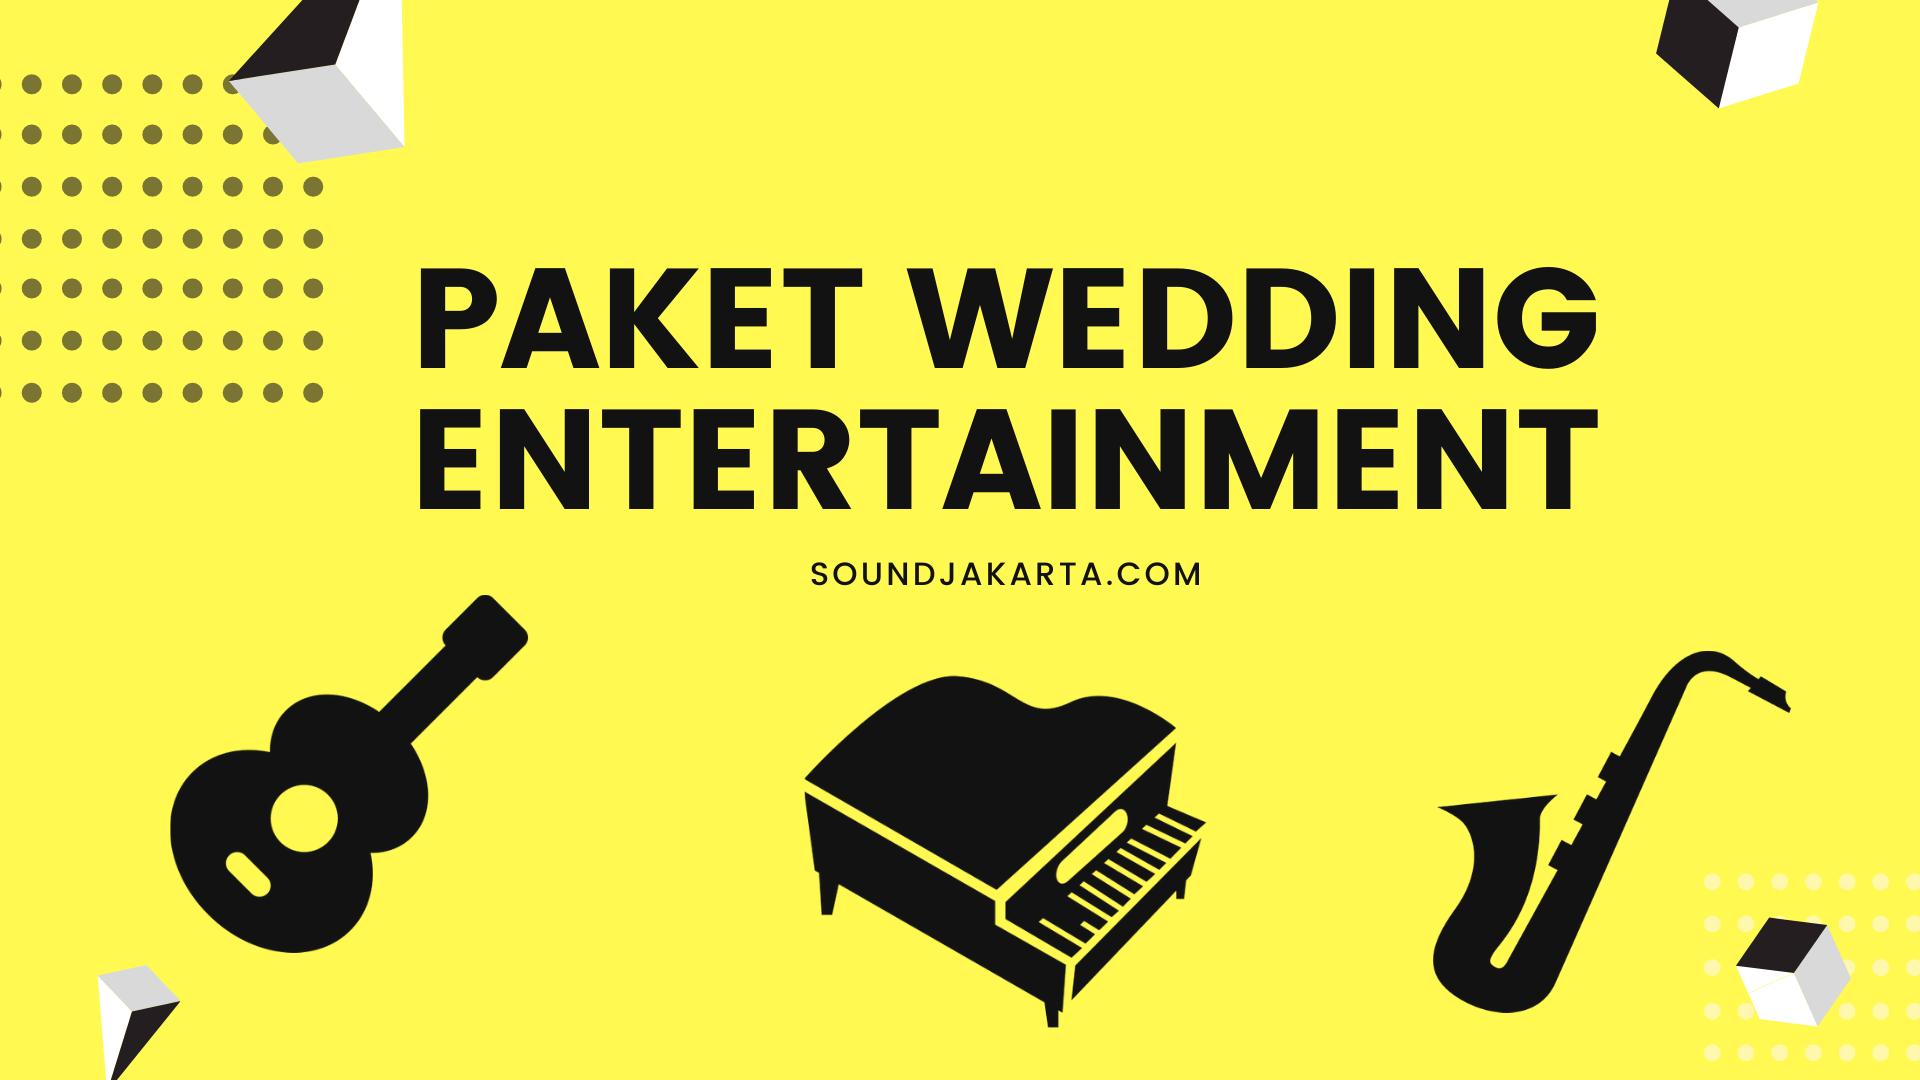 paket wedding entertainment